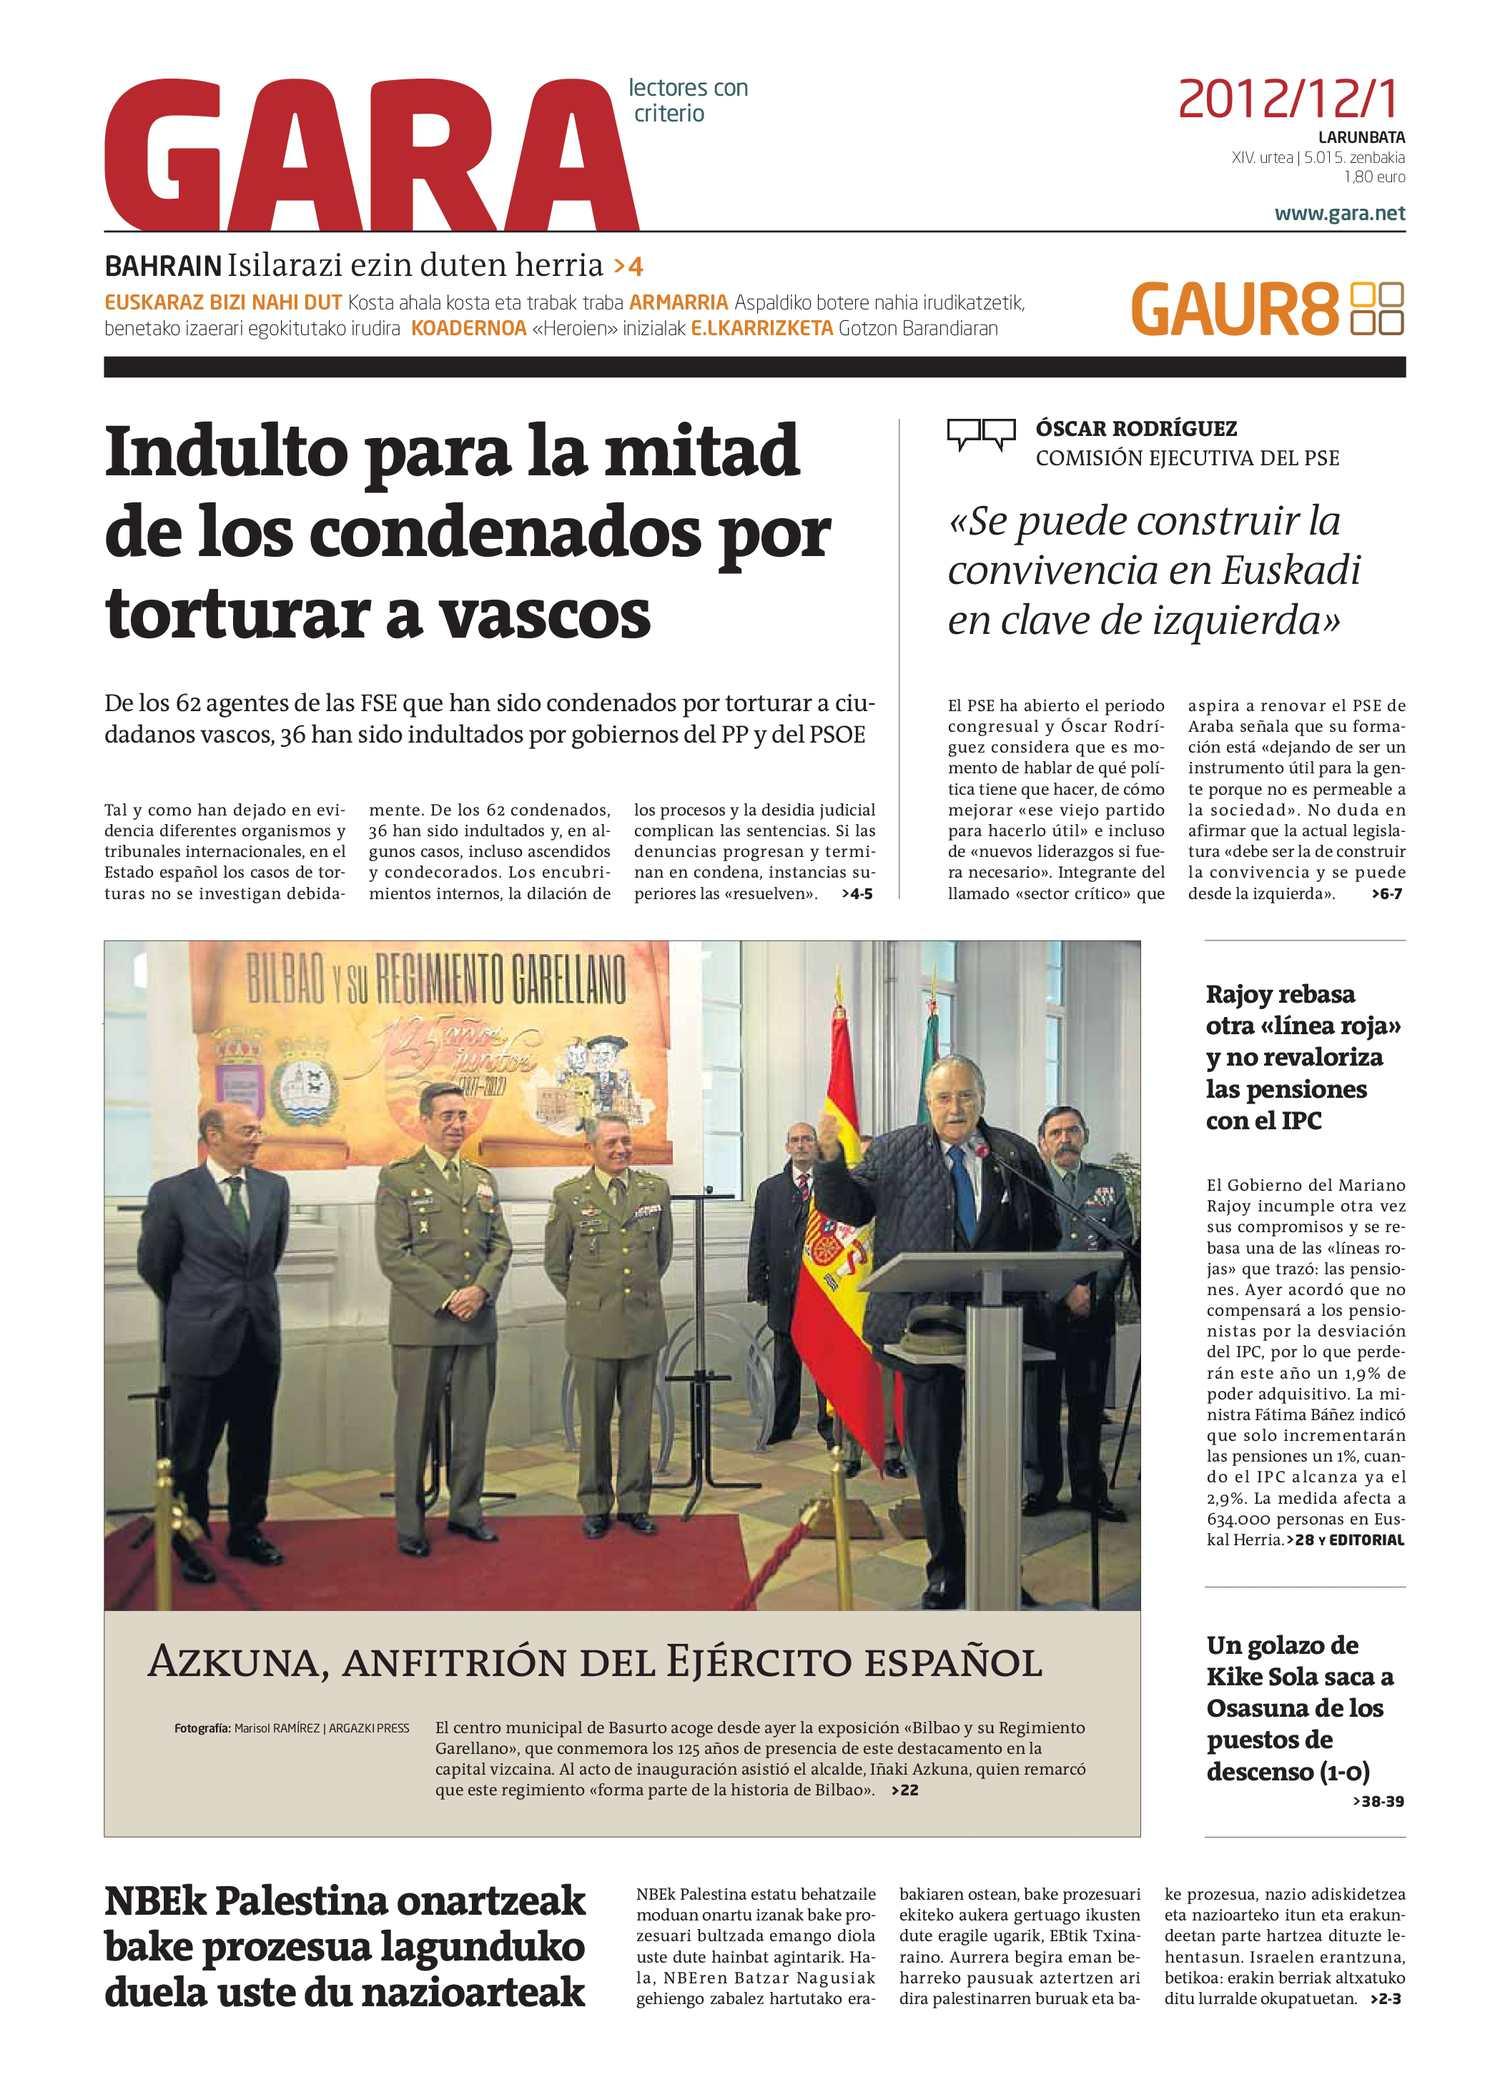 Calaméo - GARA 20121201 7af2358eb980b